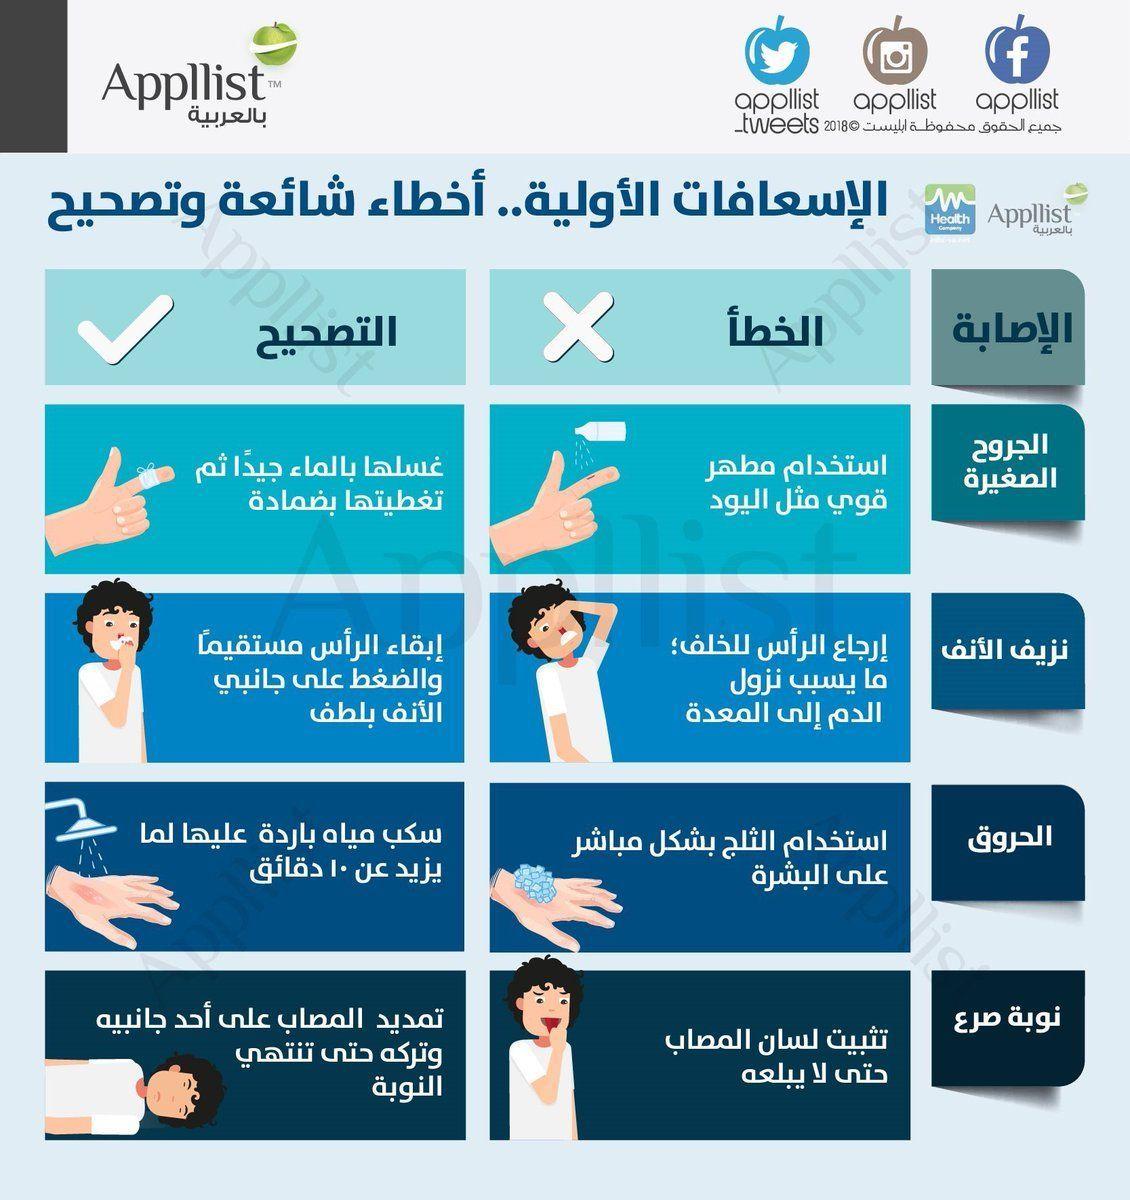 الاسعافات الاولية أخطاء وتصحيح Health Education Medical Education Health Advice